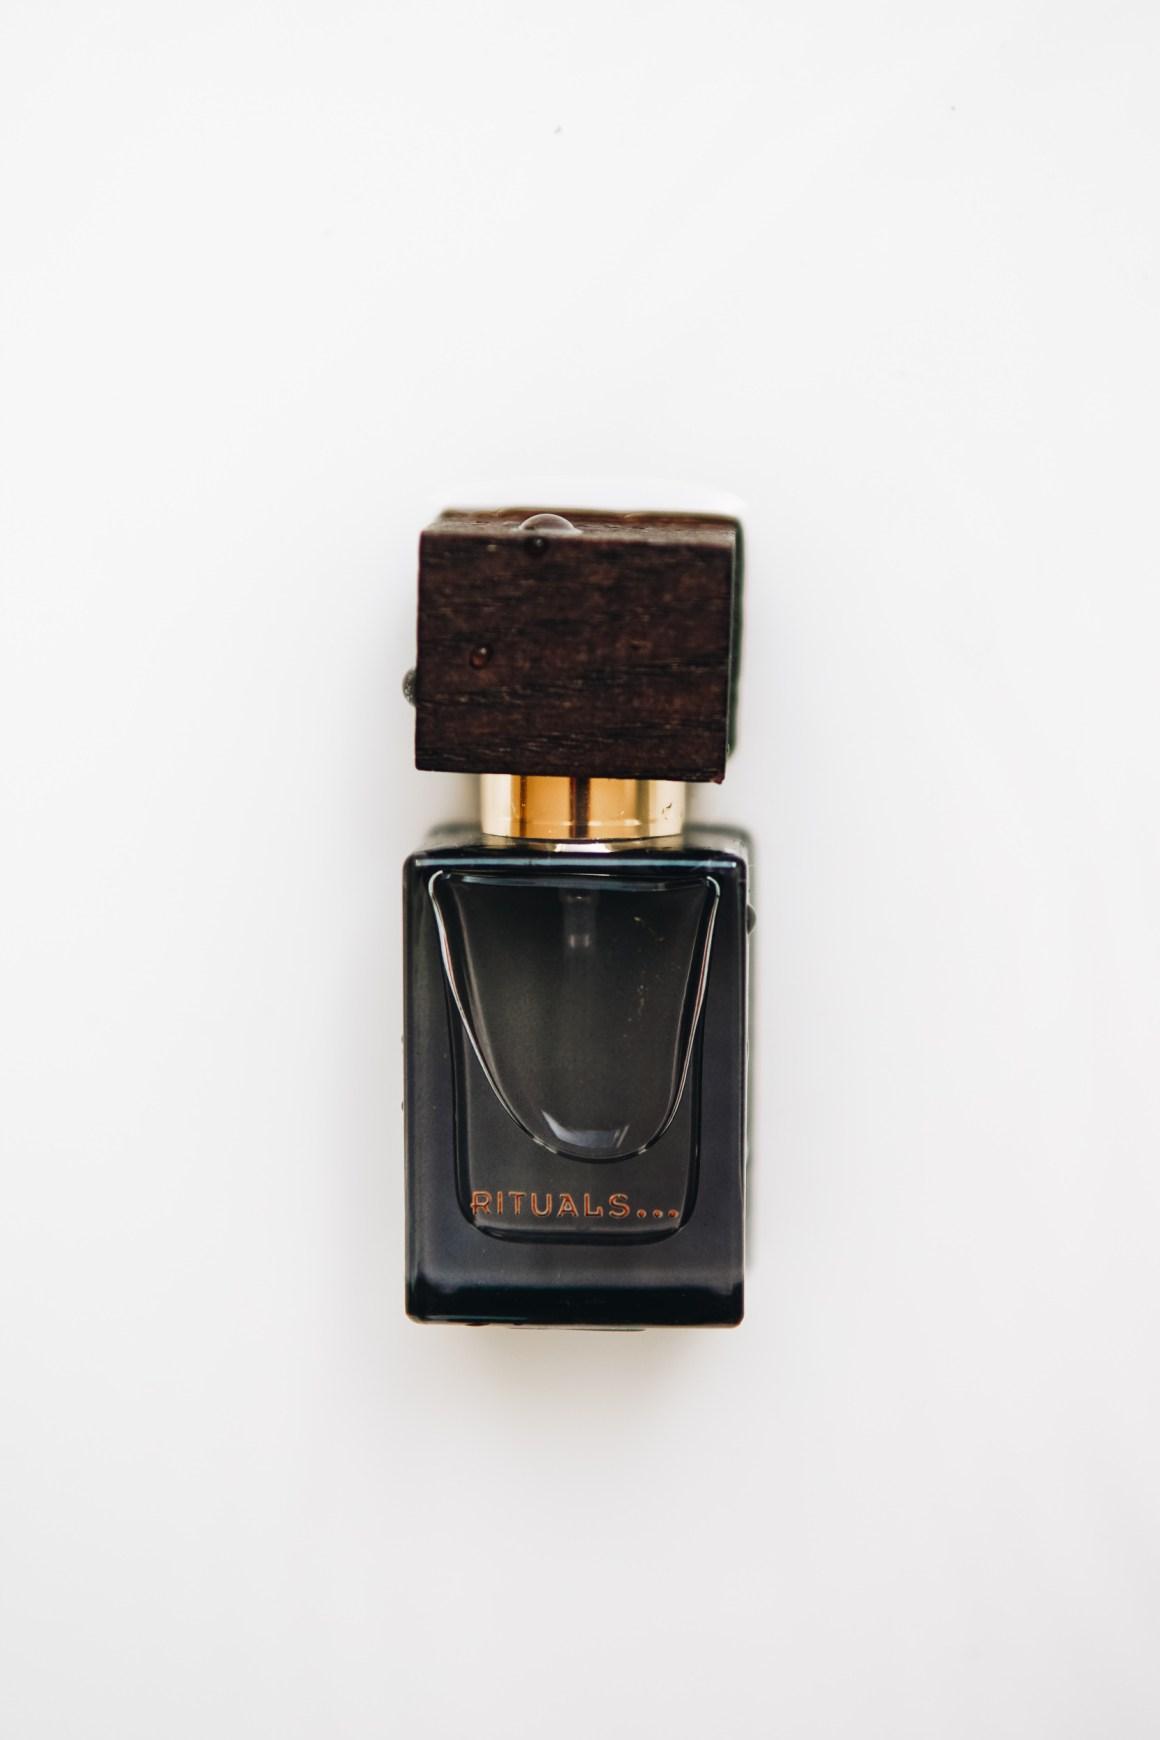 Rituals Nuit à Marrakech Travel Size Eau de Parfum